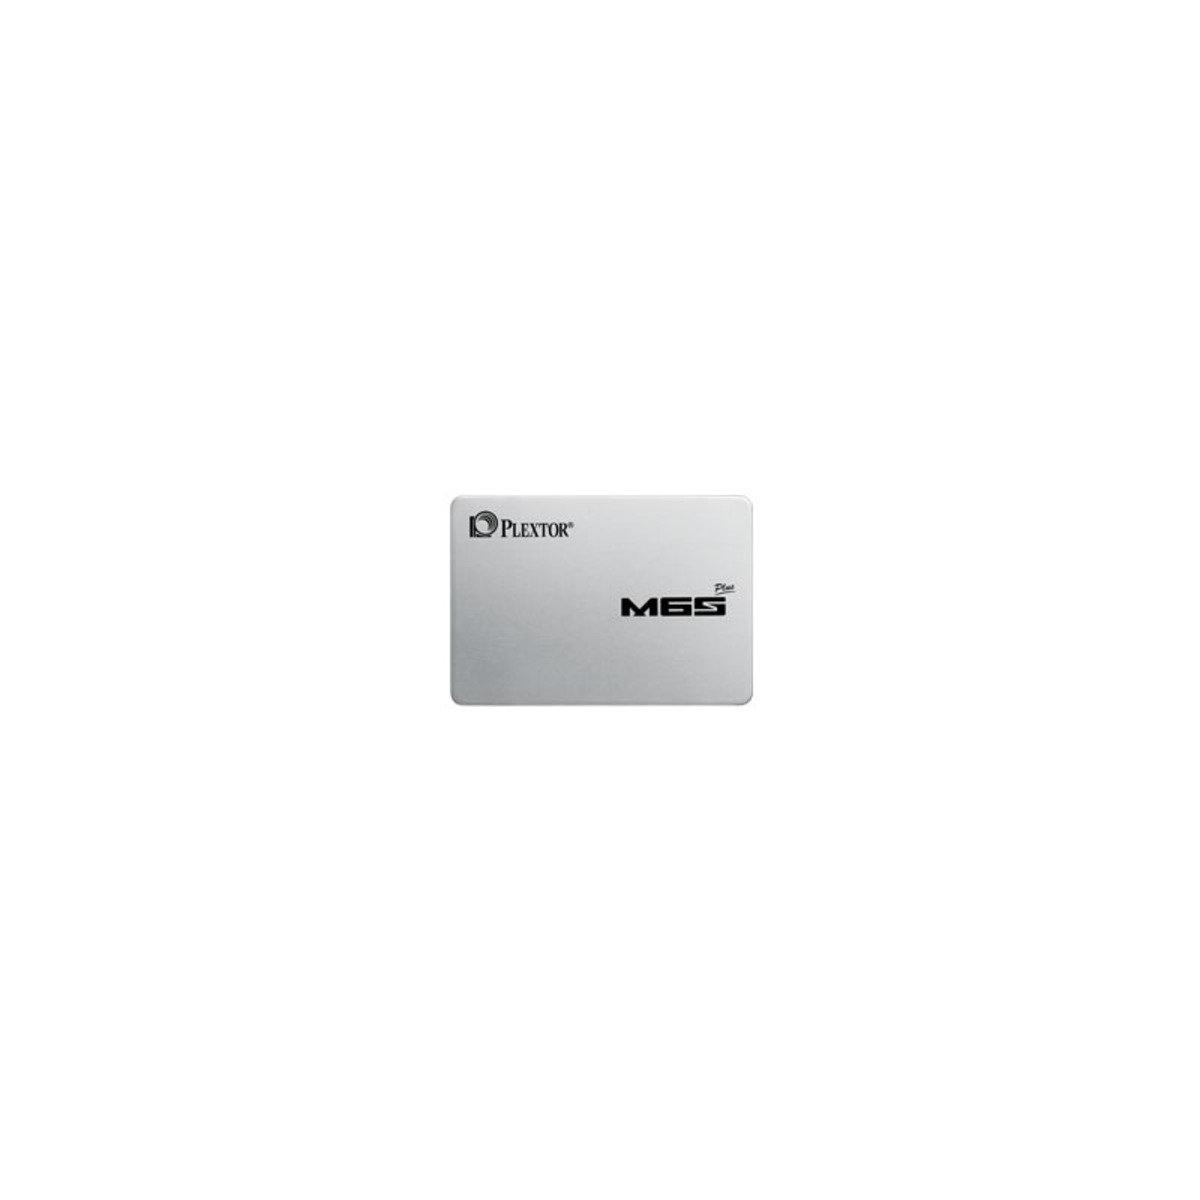 SSD 高速內置固態硬碟 M6S Plus 512GB